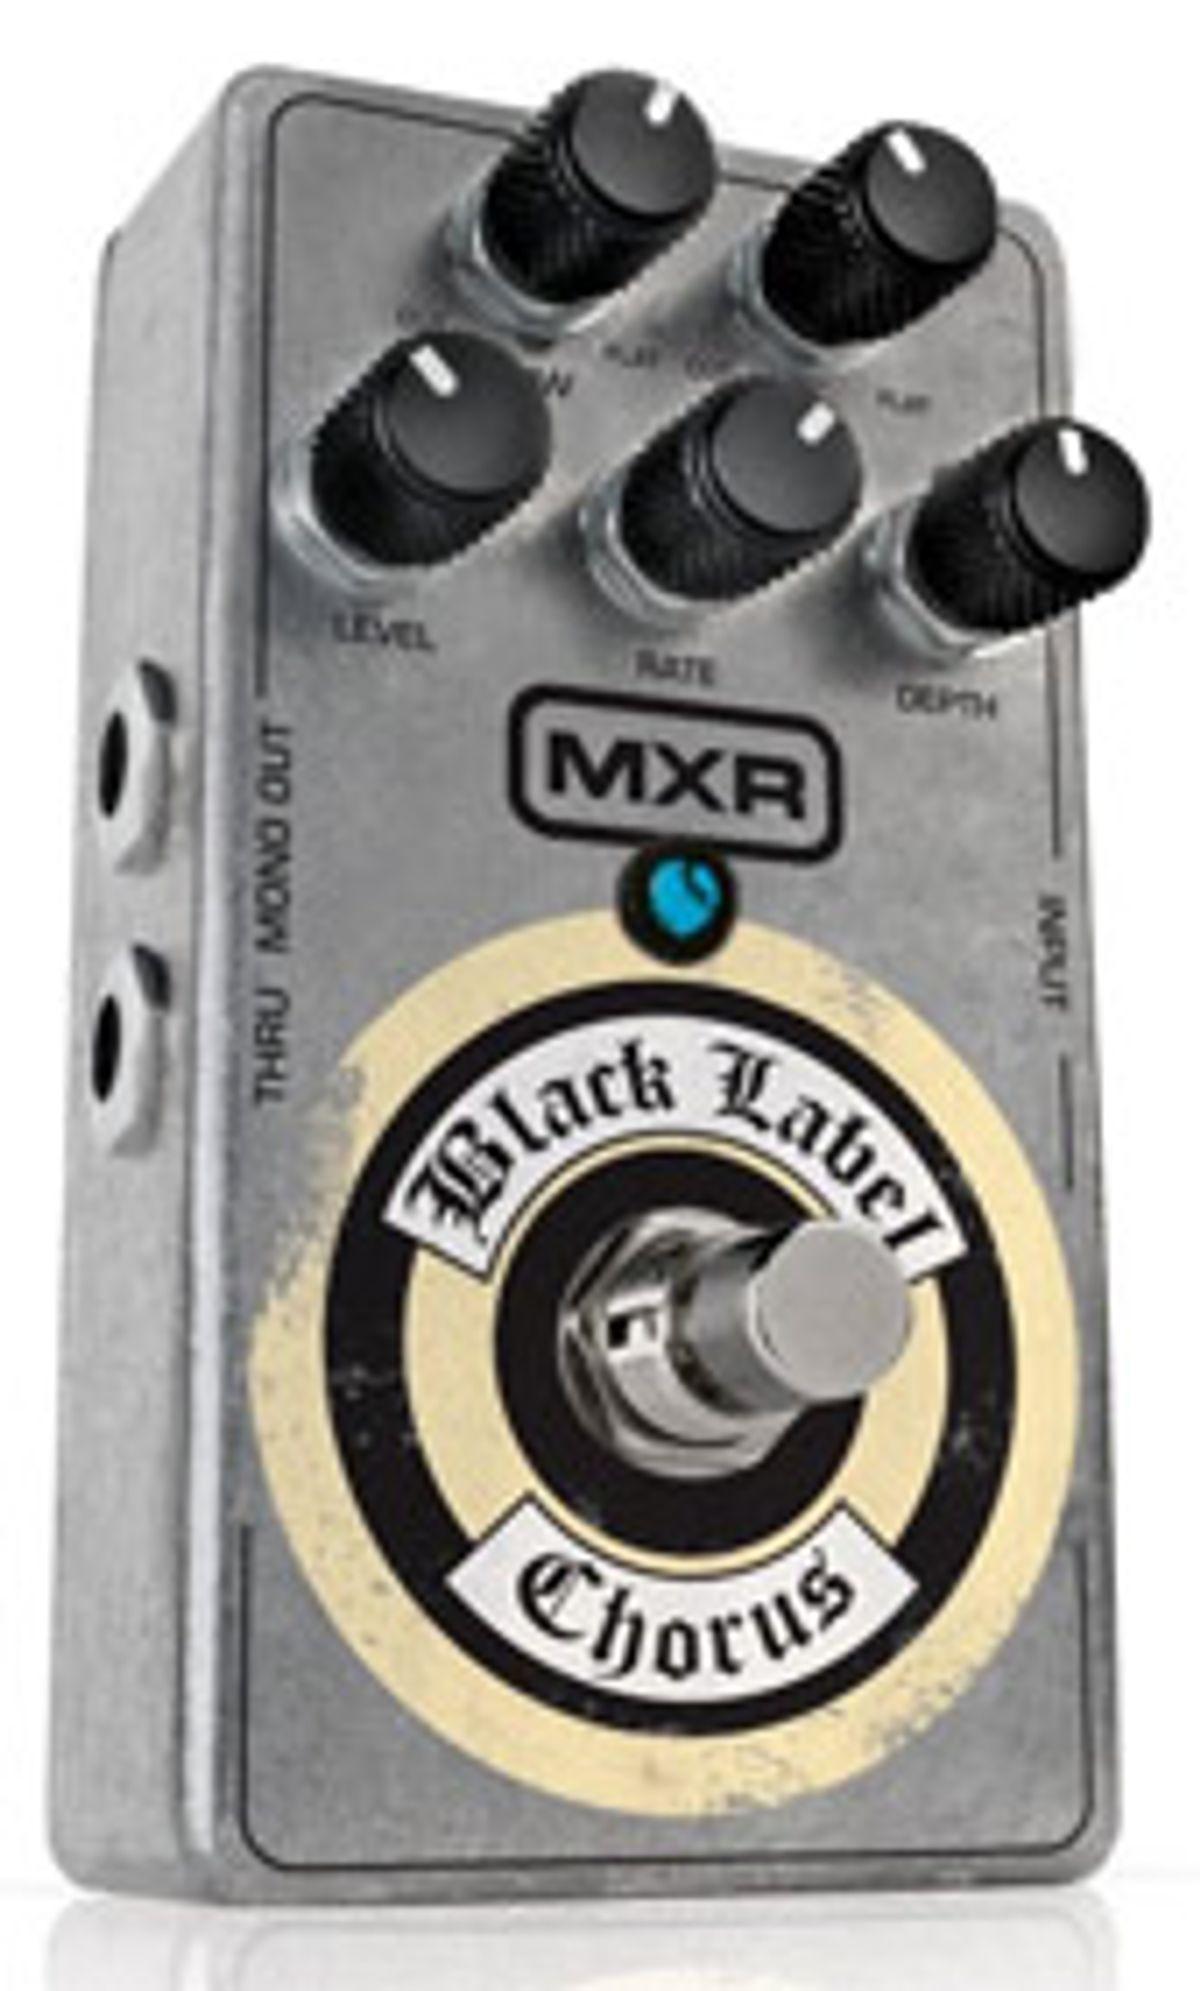 MXR Announces Black Label Chorus Pedal